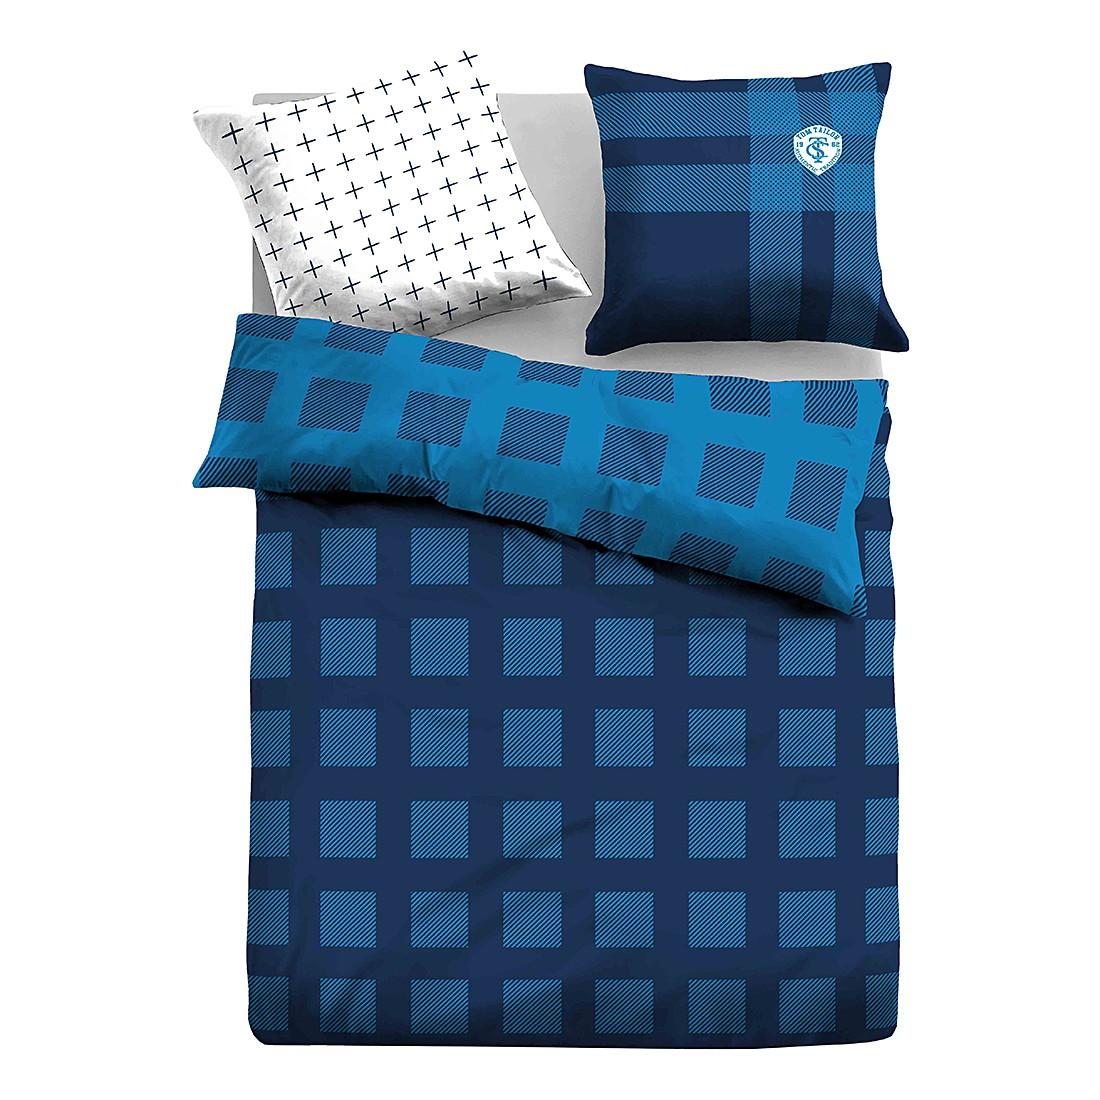 Satin Bettwäsche Gitter – Hellblau / Dunkelblau – 135 x 200 cm + Kissen 80 x 80 cm, Tom Tailor kaufen